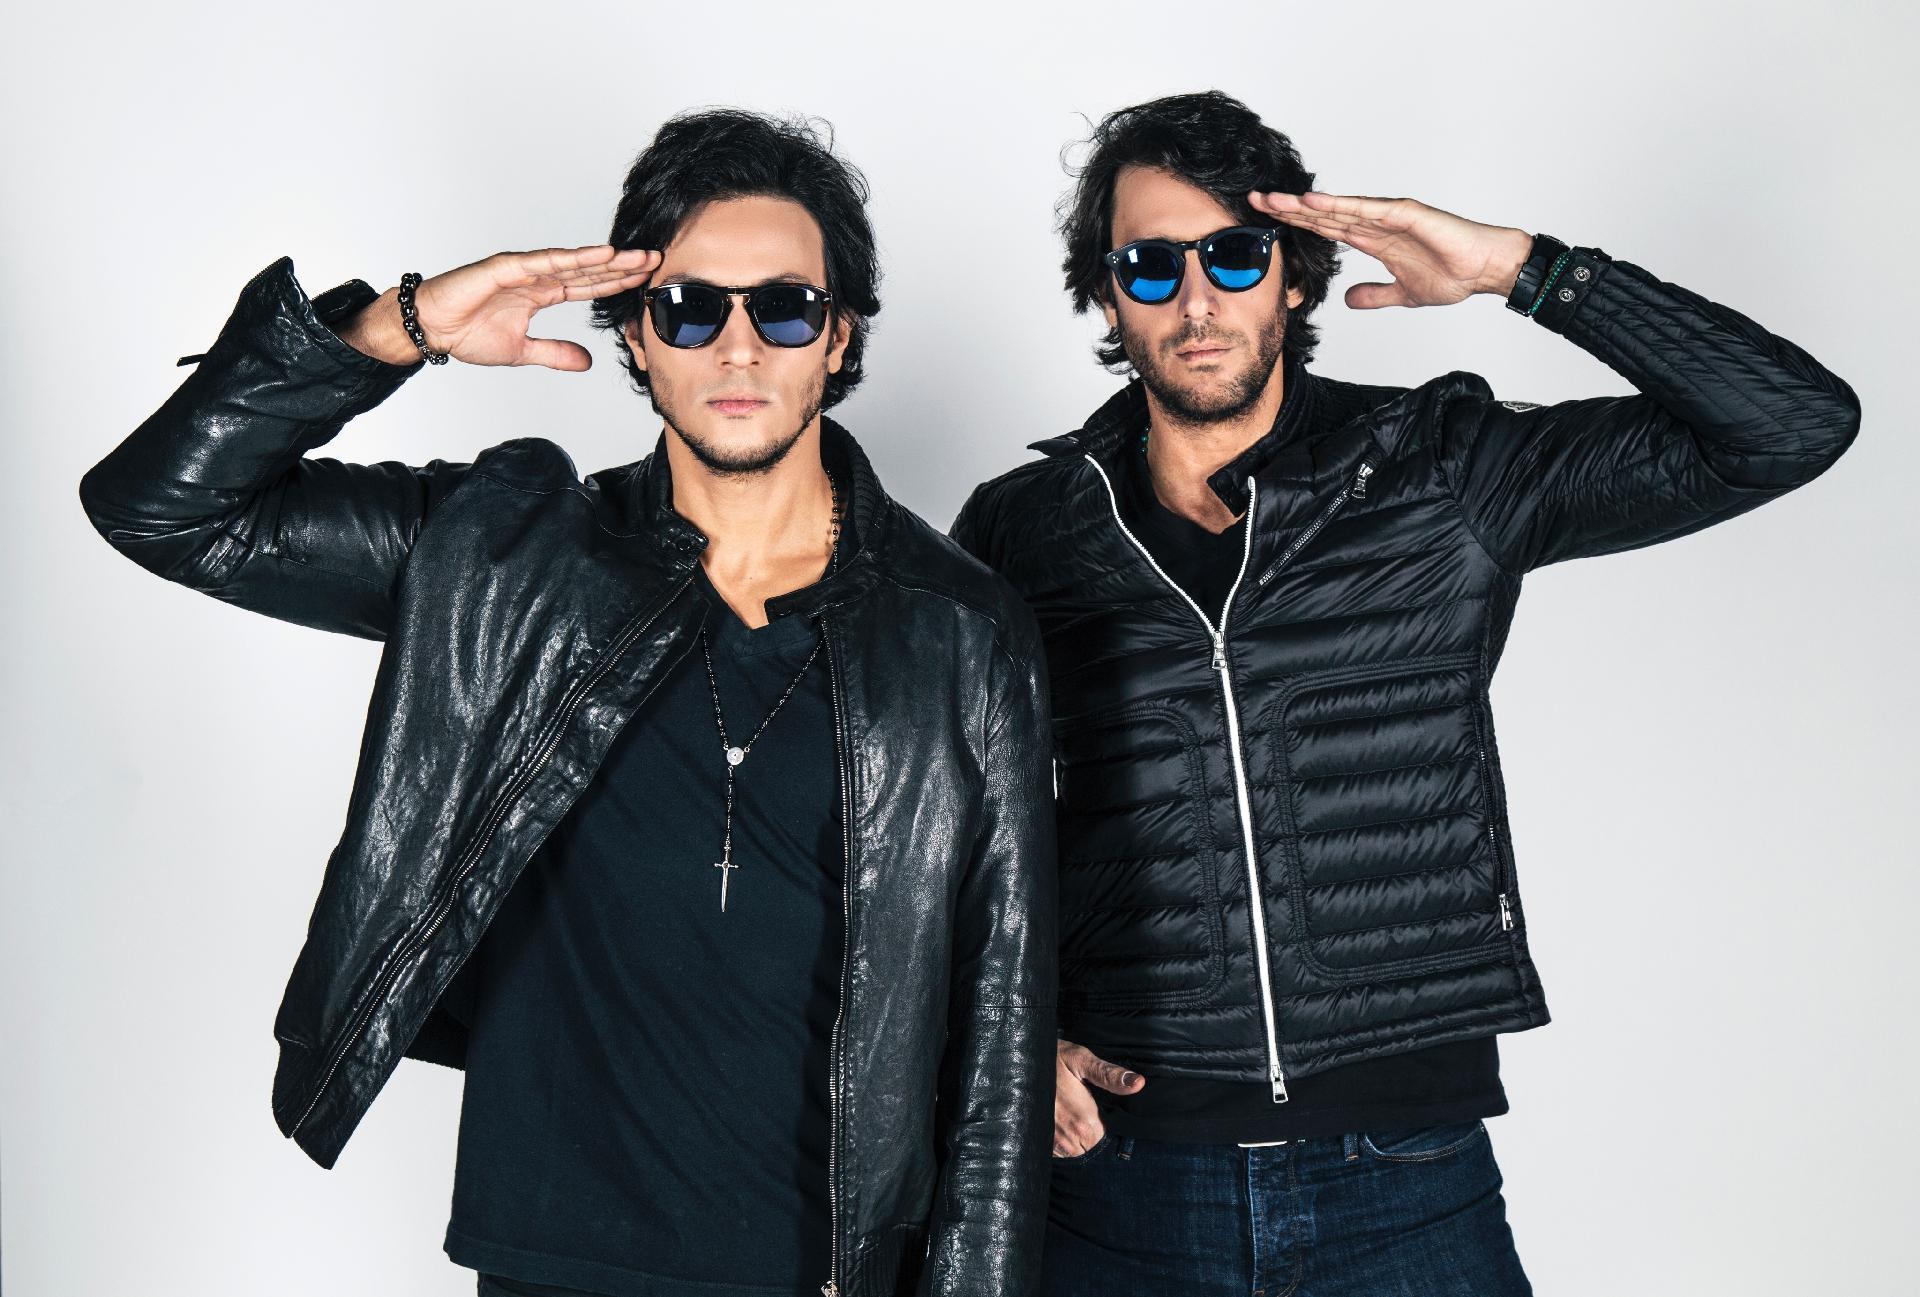 Projeto JetLag abre lançamento de DVD sertanejo em Campo Grande